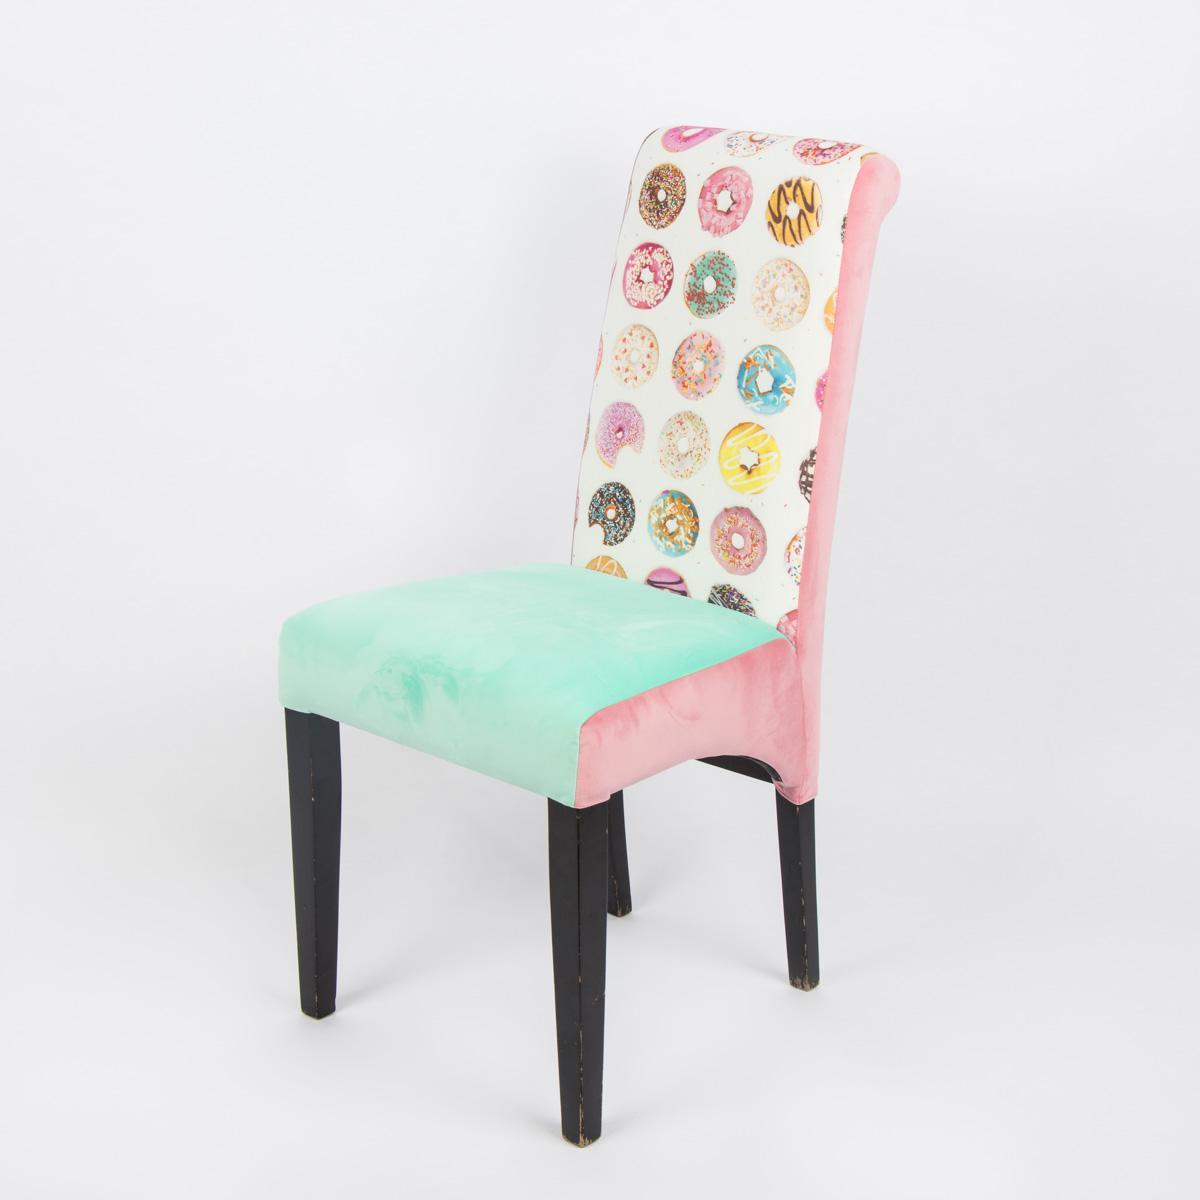 Flohmarkt Alte Stühle Kaufen